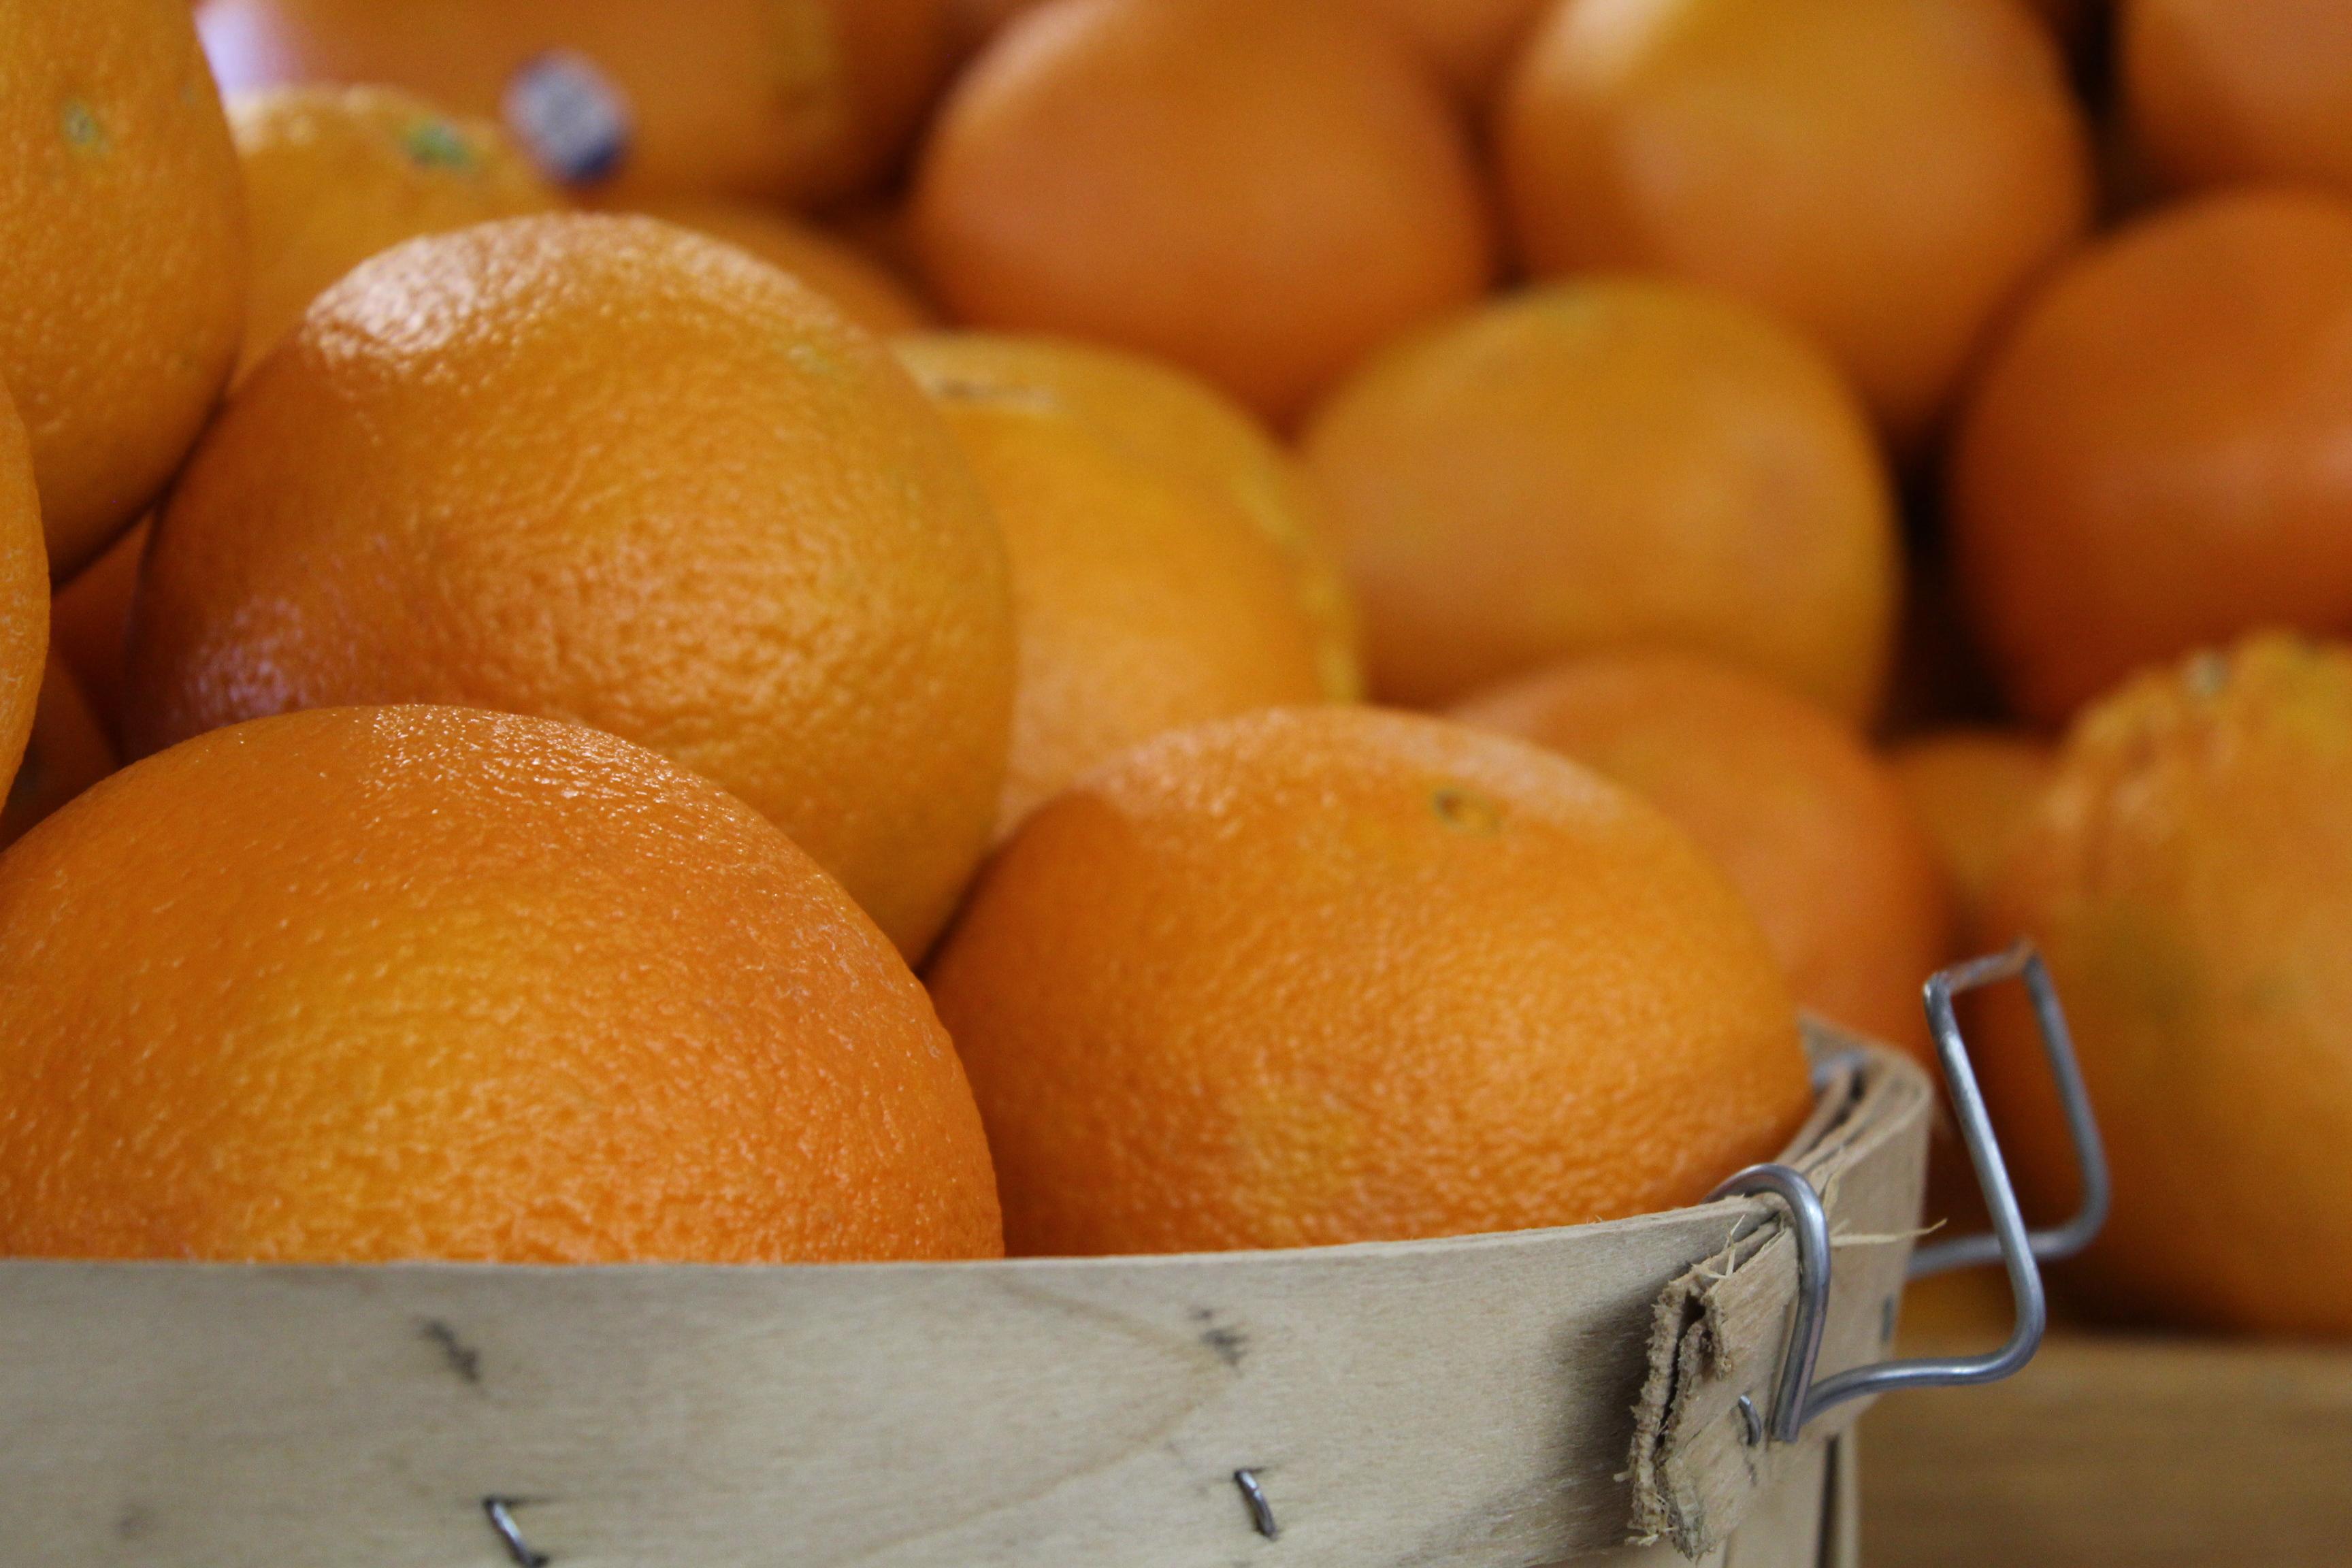 Produce_oranges_IMG_4182